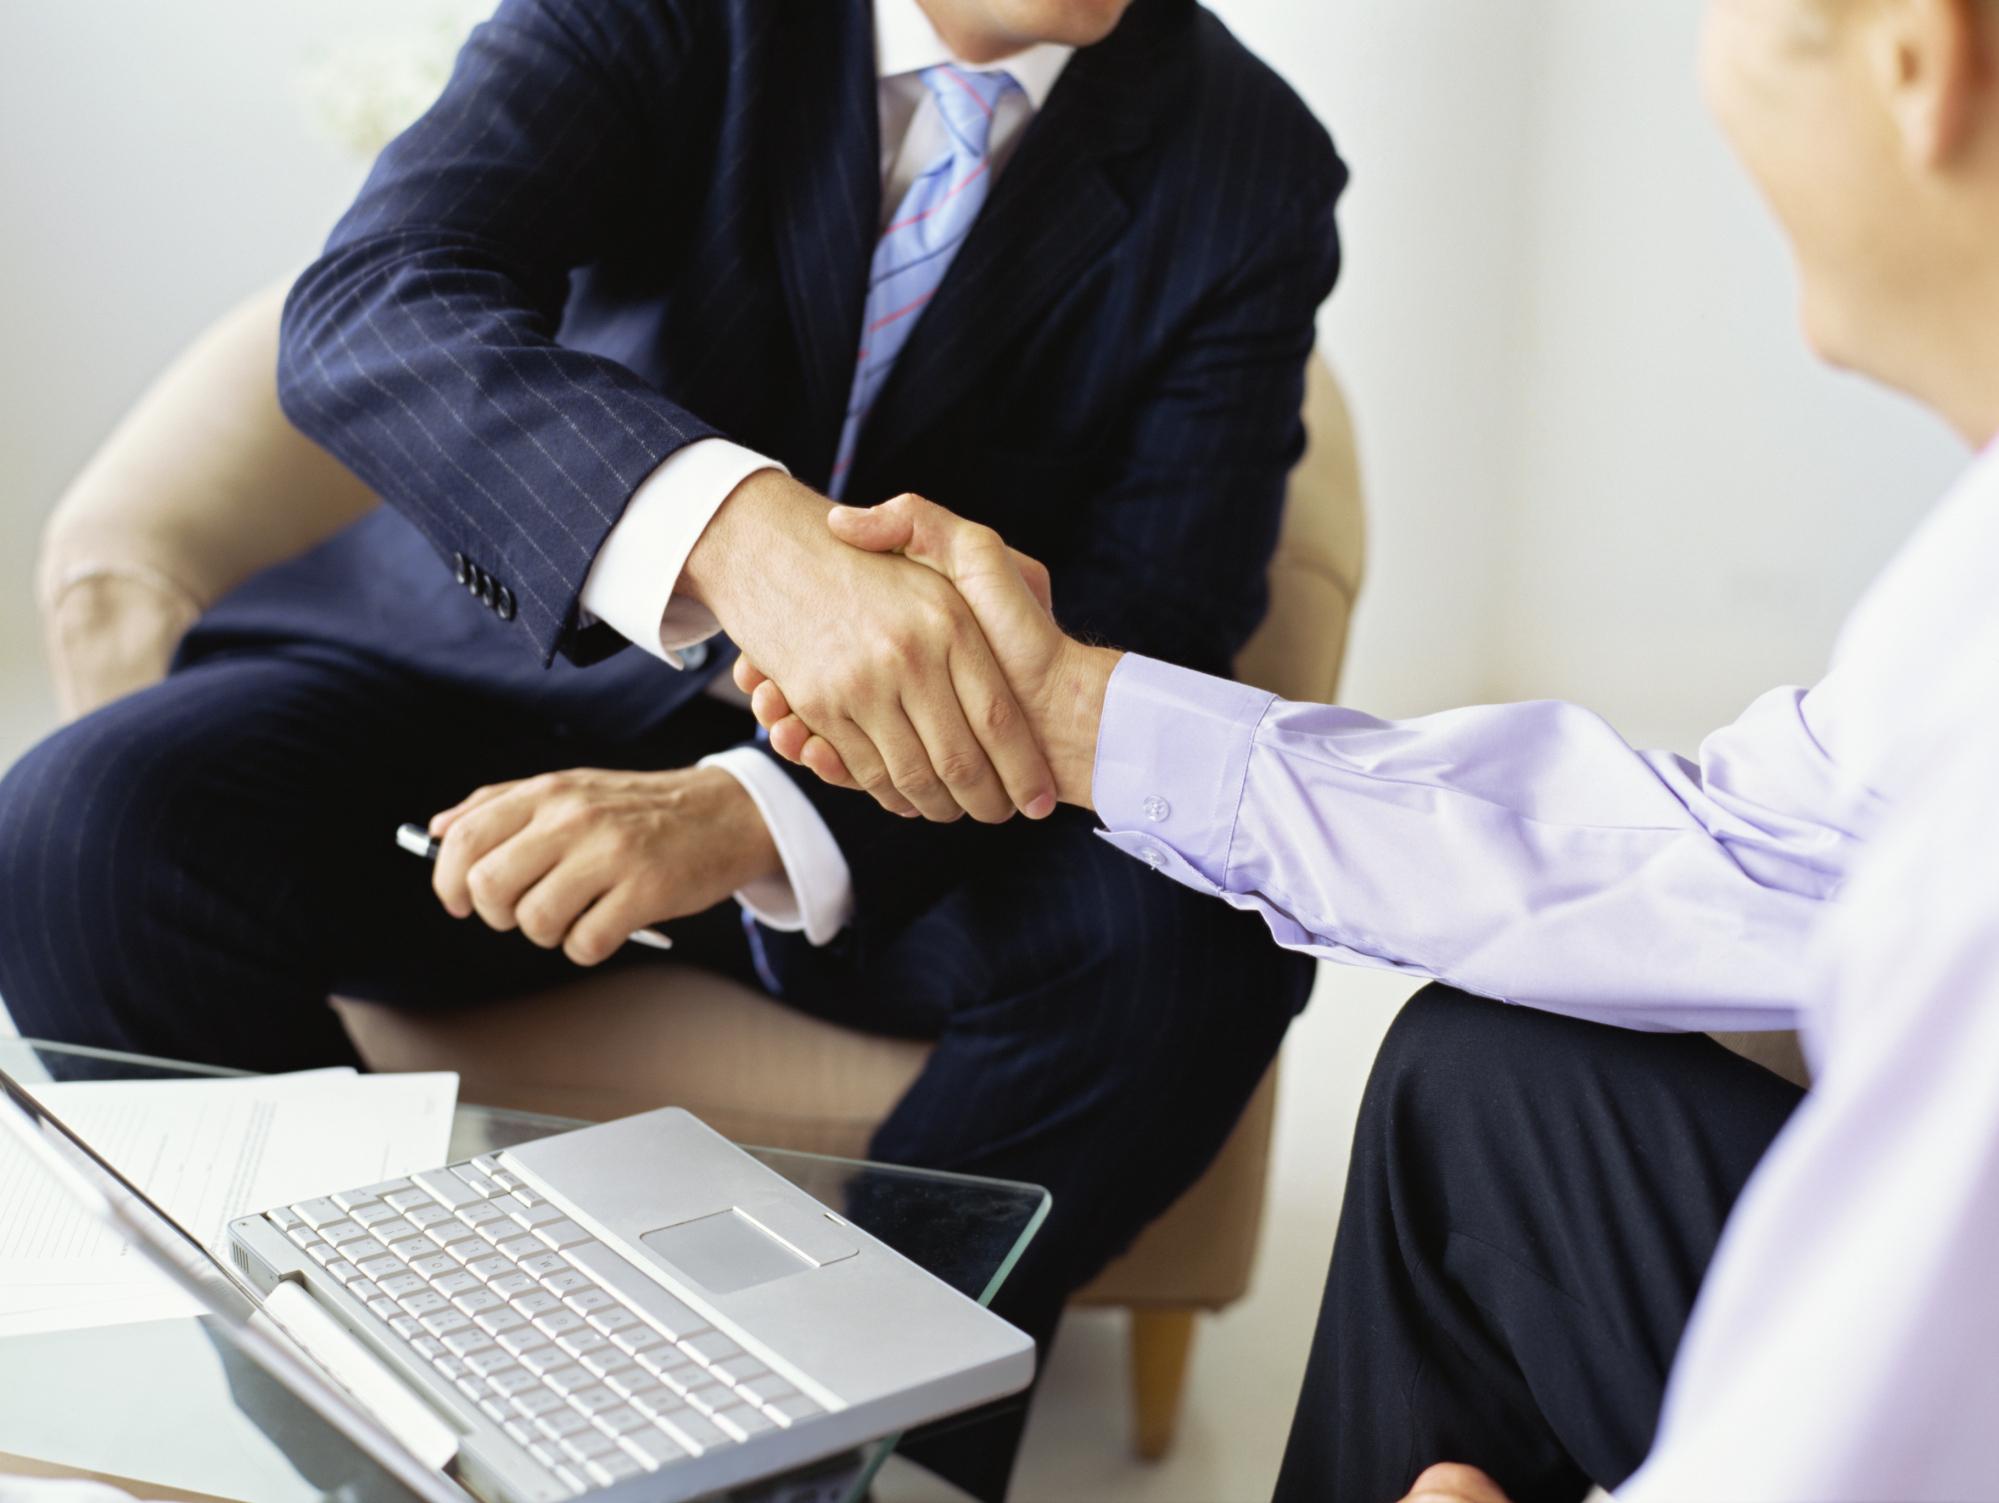 Кредит без справок и поручителей срочно с плохой кредитной историей